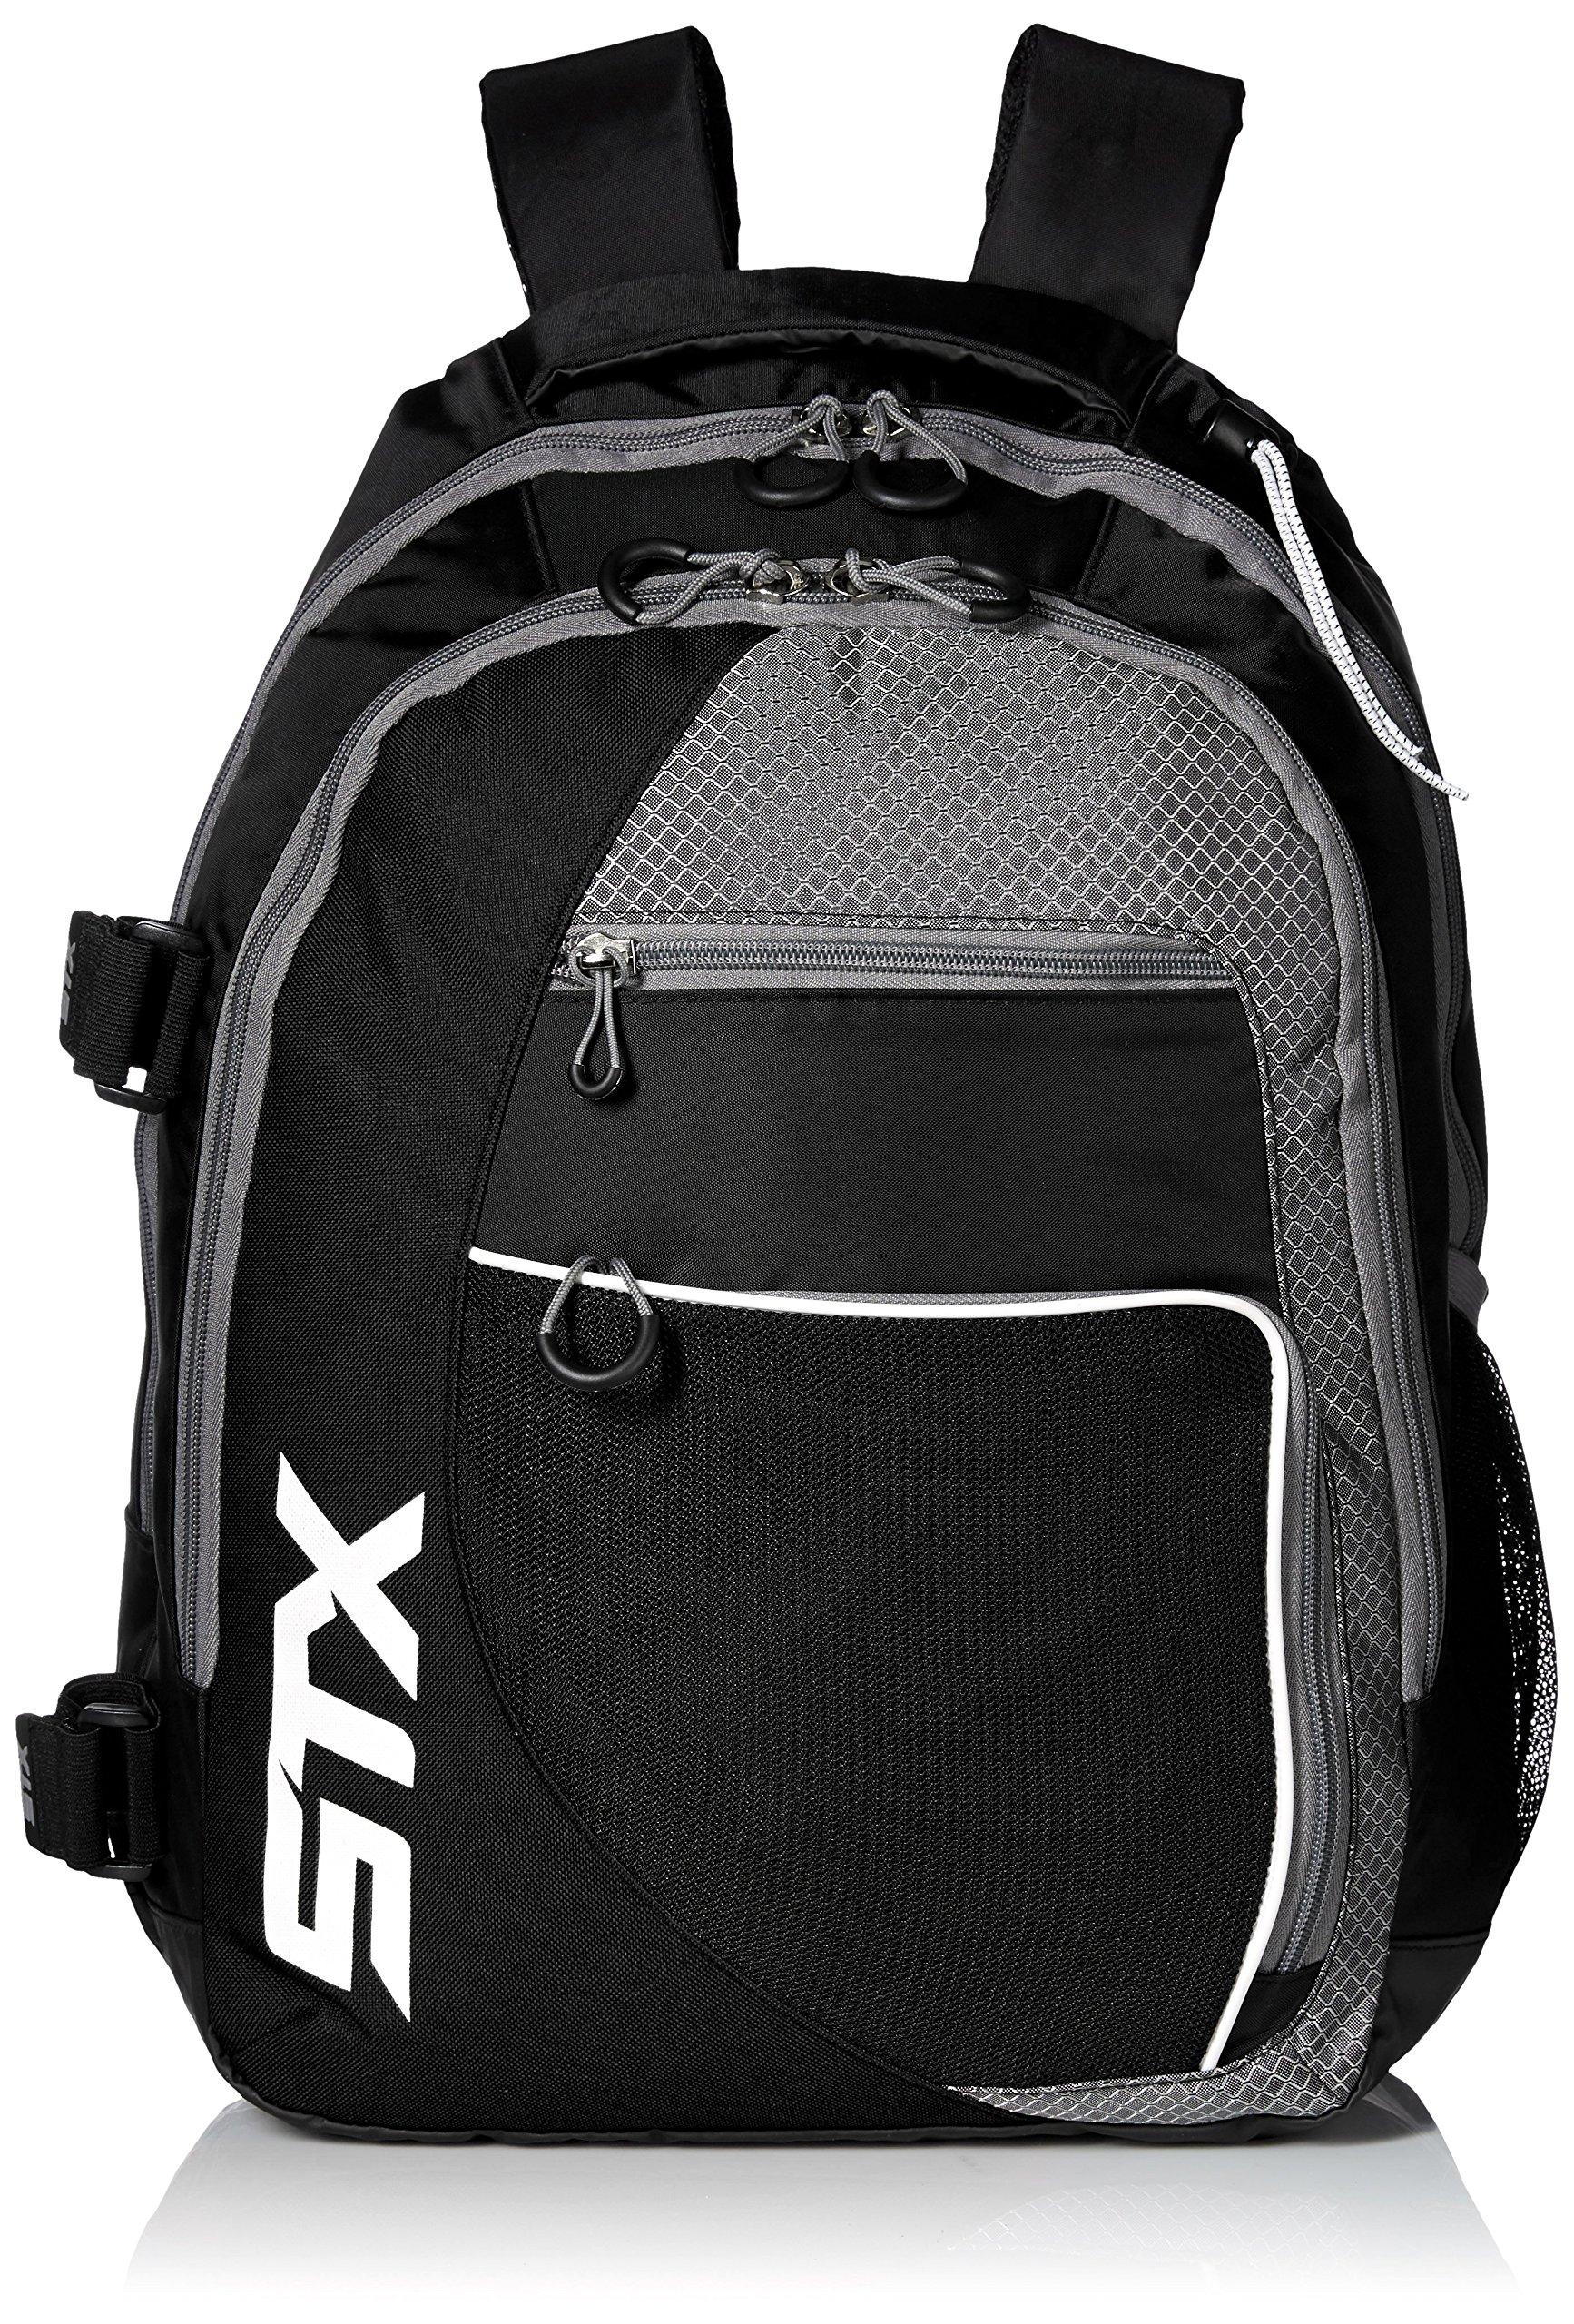 STX Lacrosse Sidewinder Lacrosse Backpack, Black by STX (Image #1)